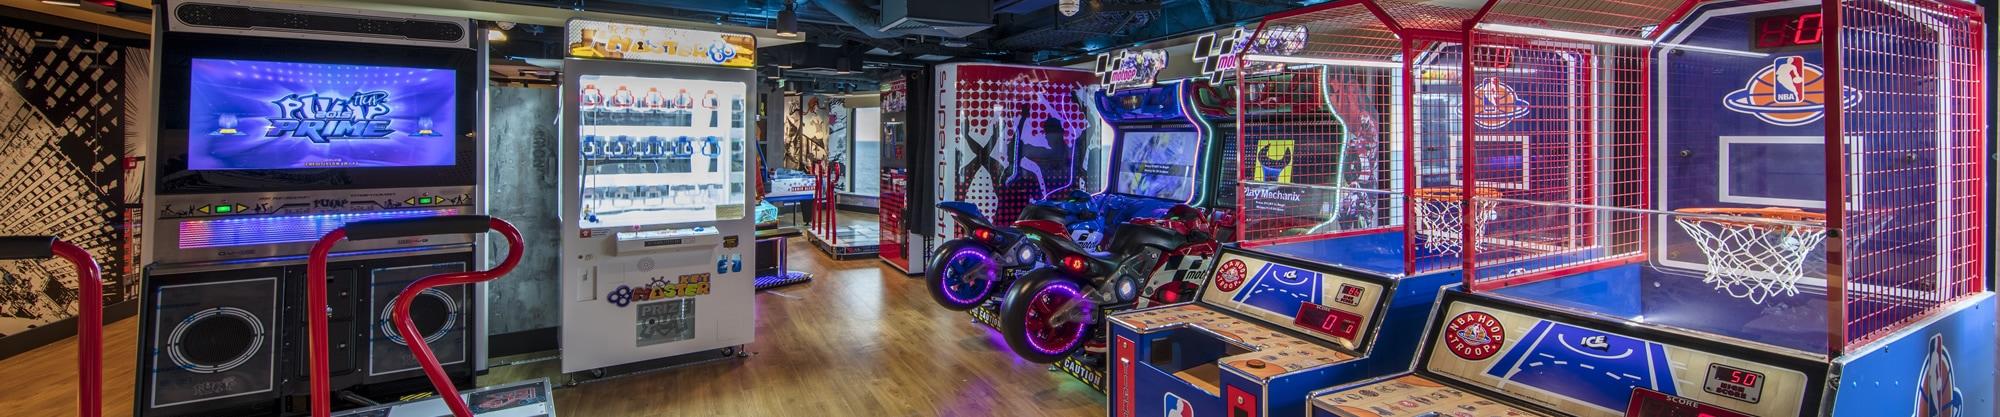 arcade-2_orig.jpg